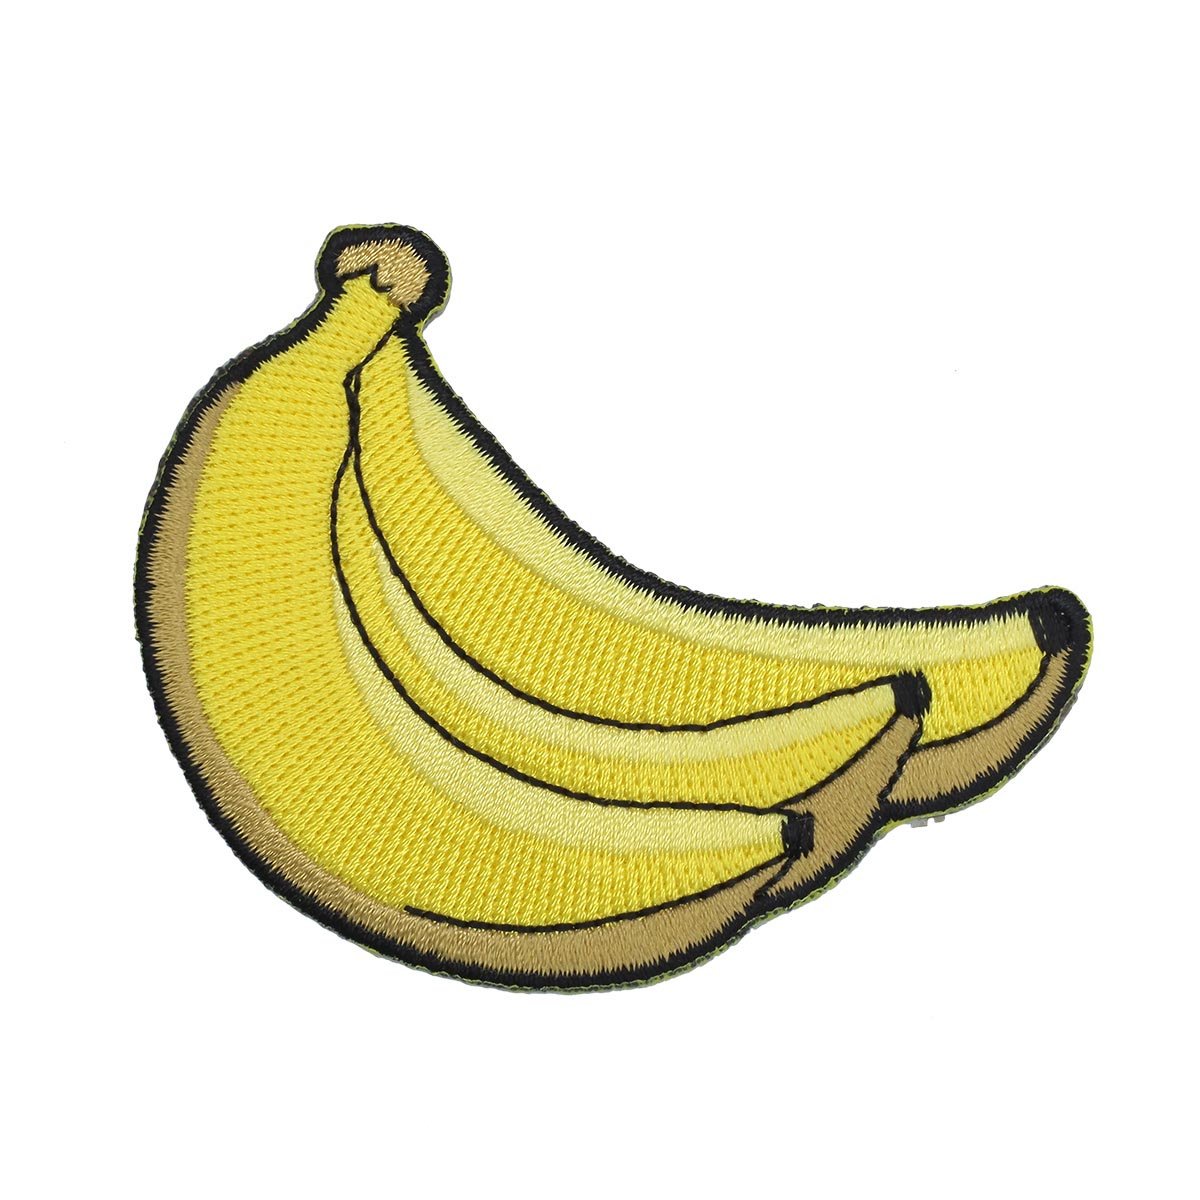 Термоаппликация 'Бананы' 6*8см Hobby&Pro